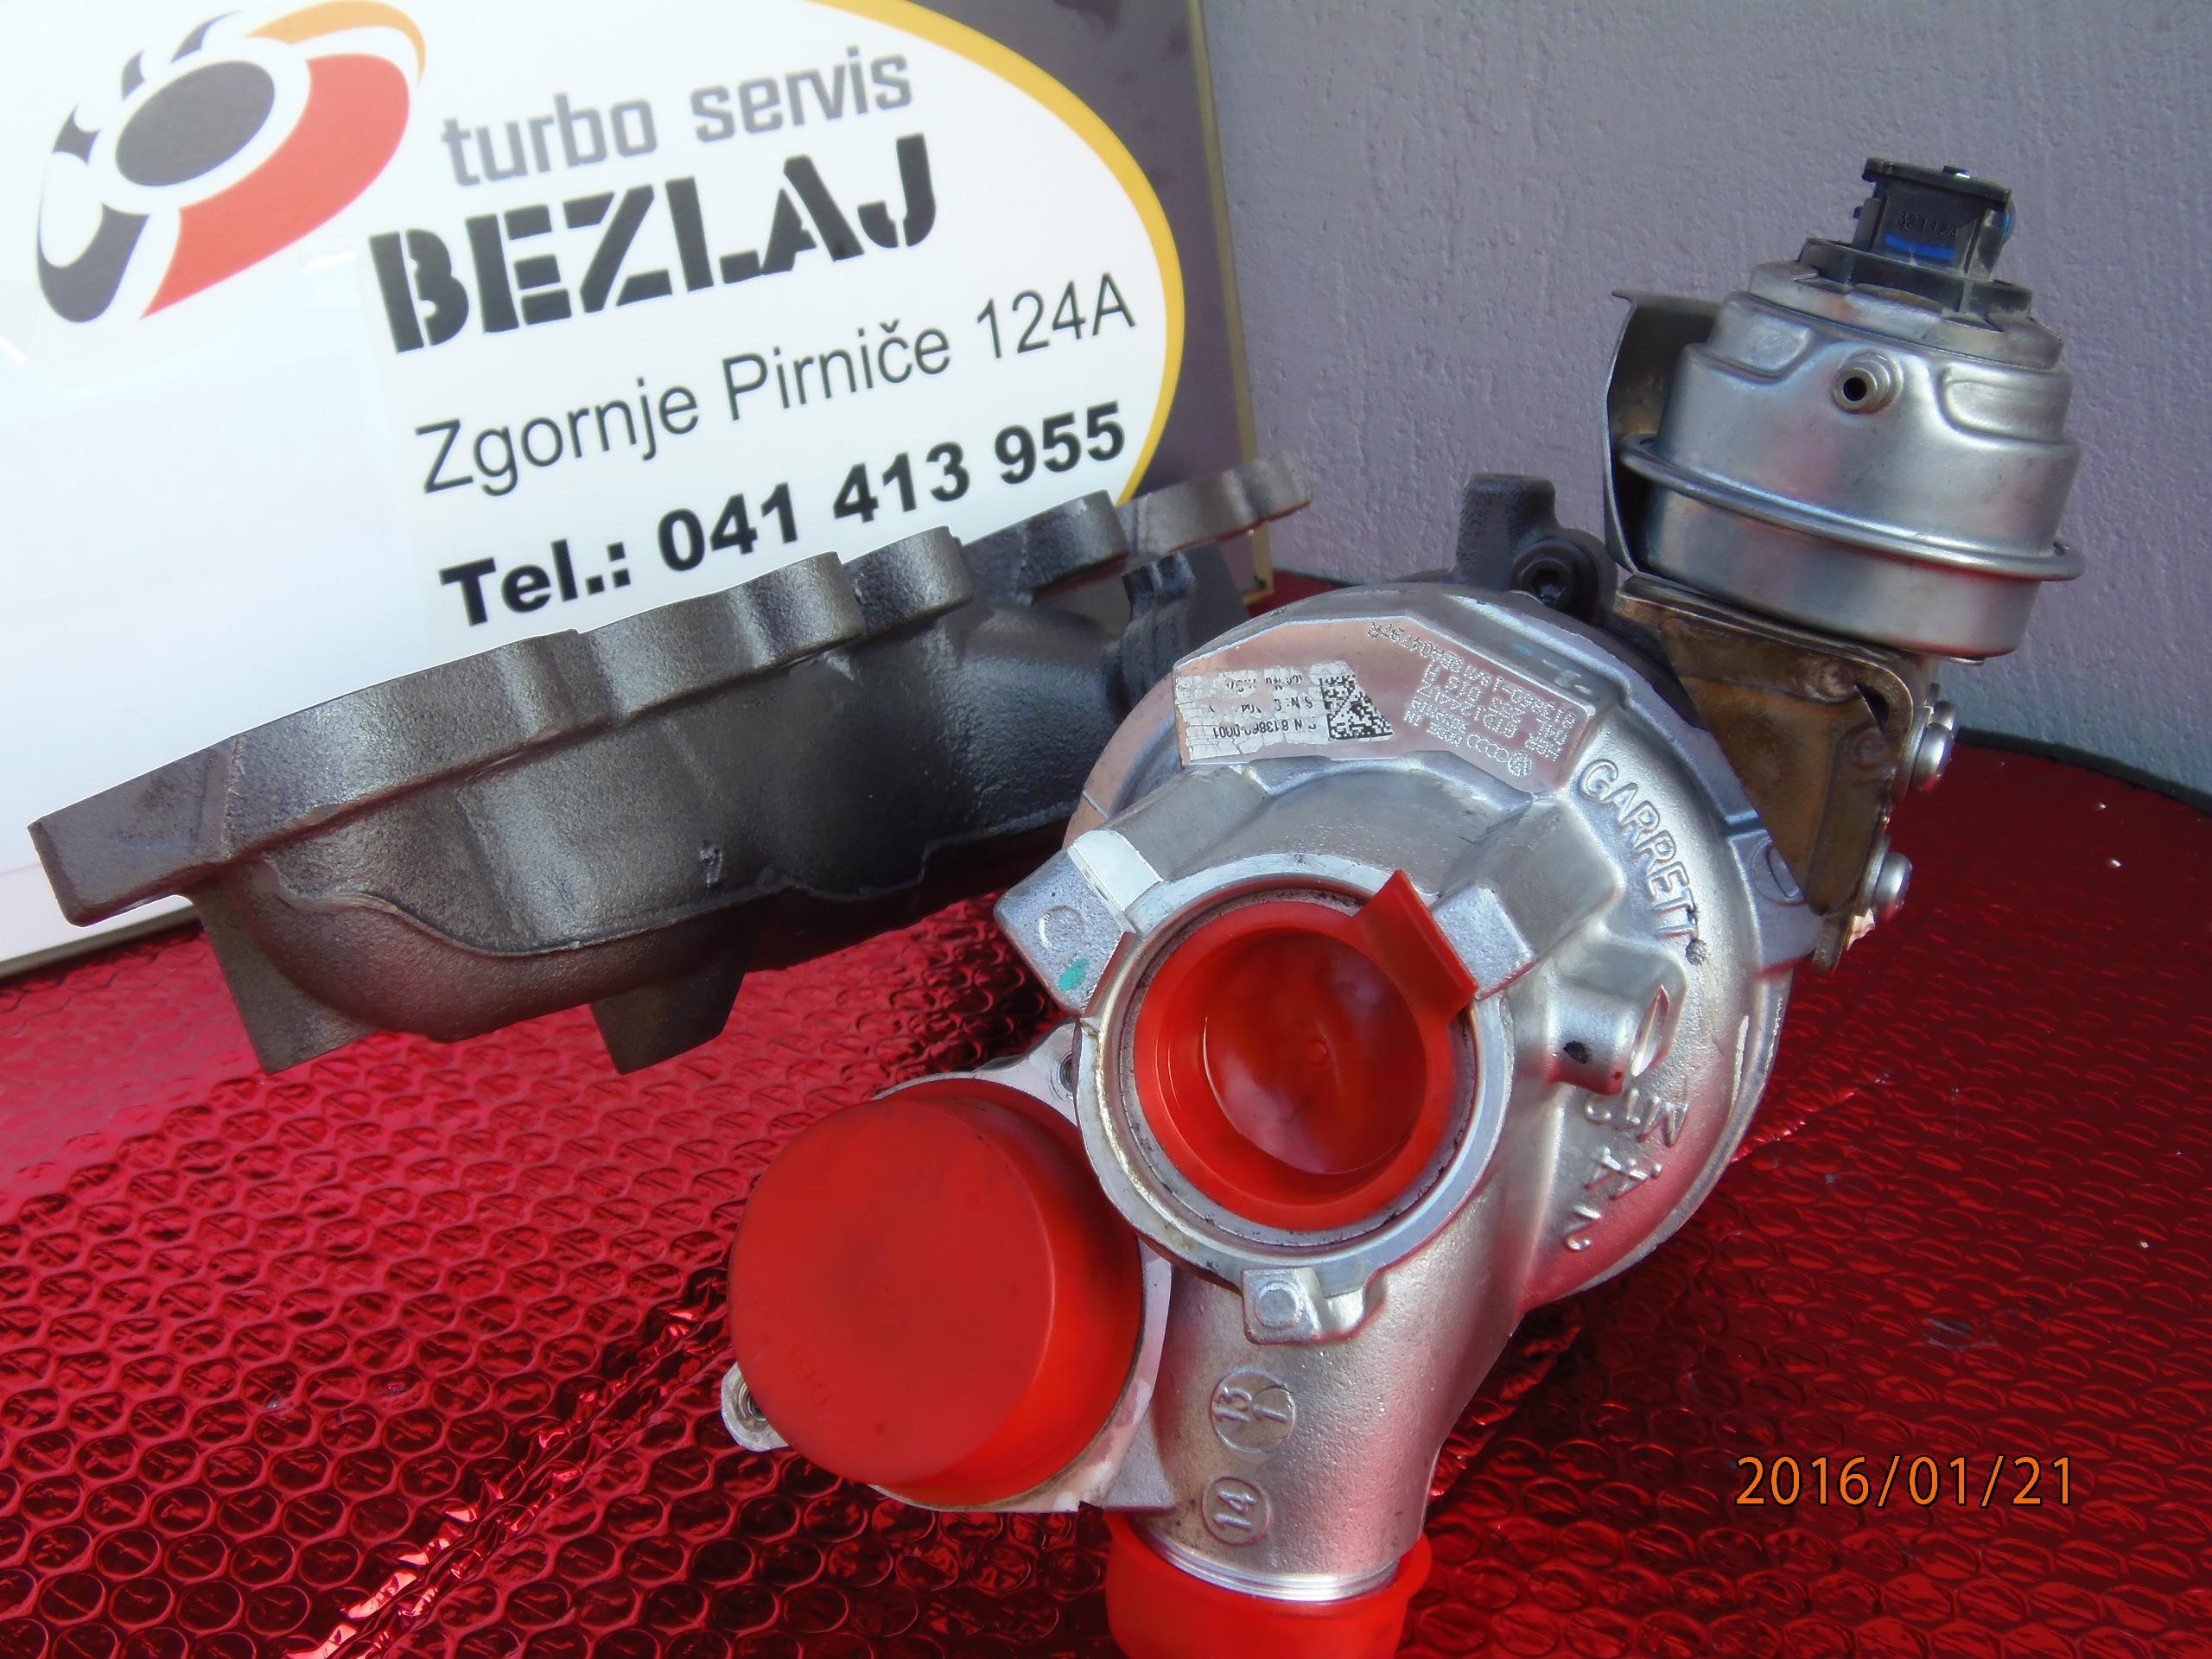 turbo813860-1 (4)